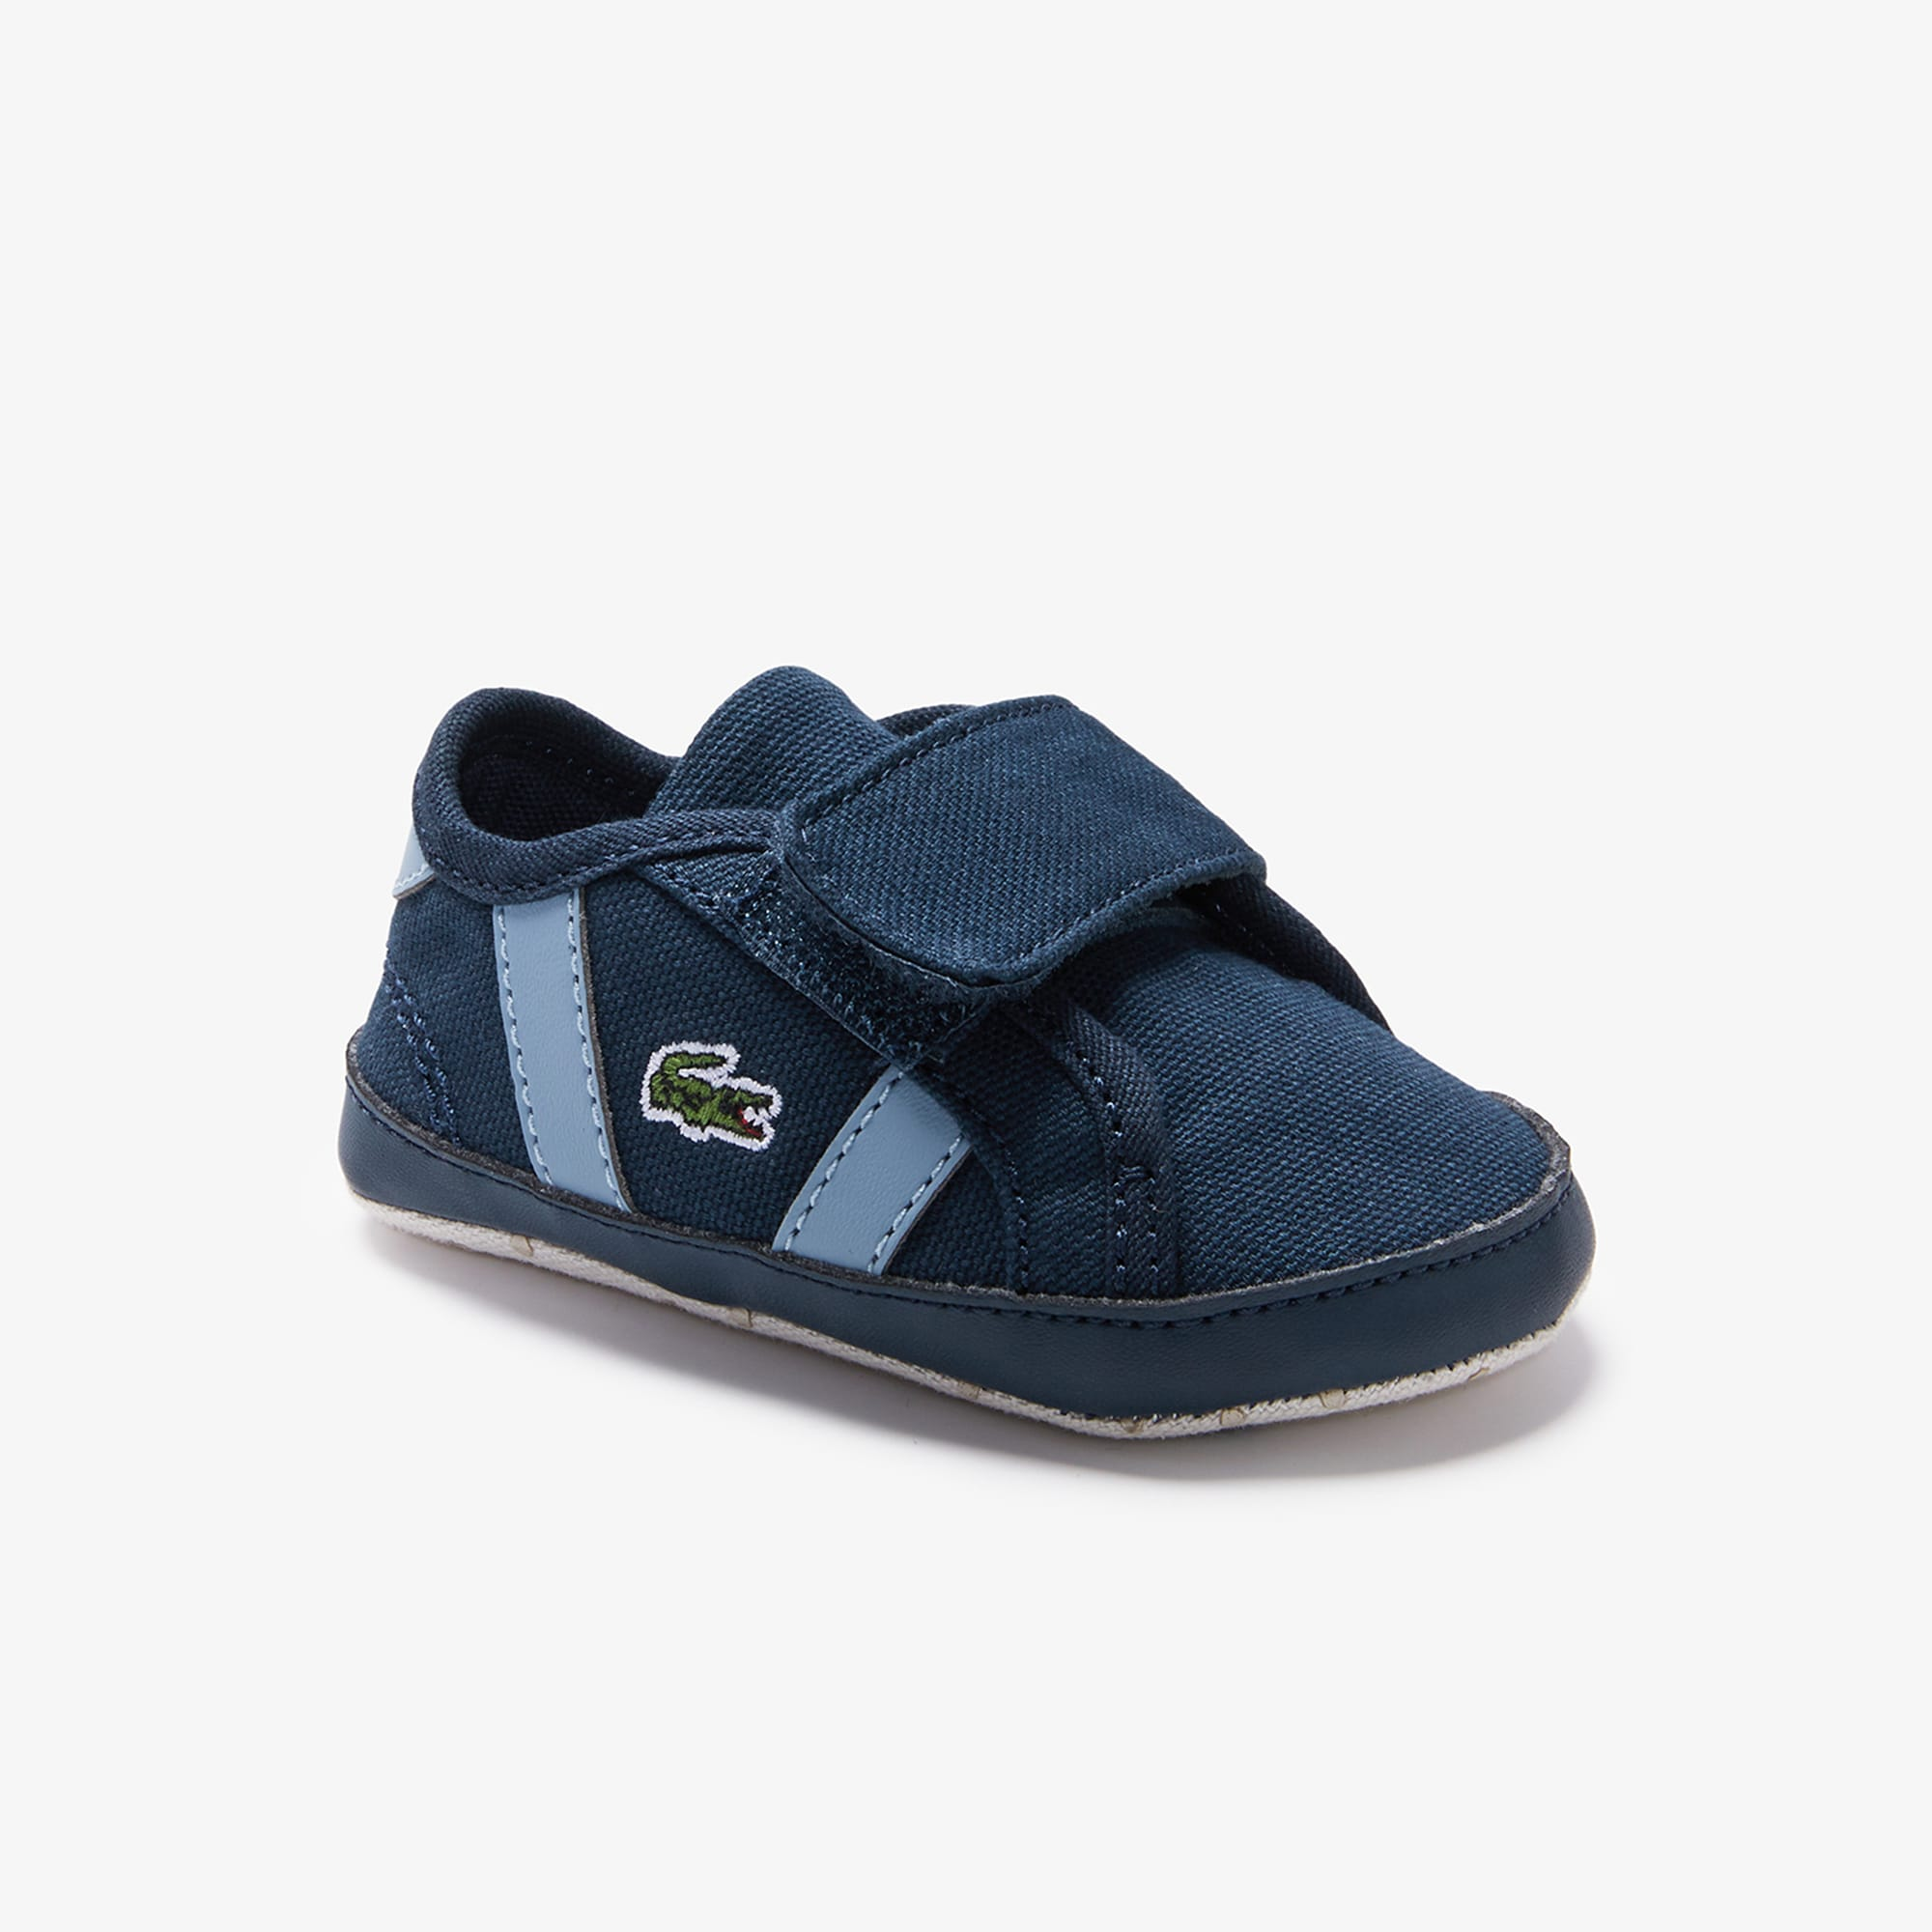 Shoes for girls | Kids footwear | LACOSTE